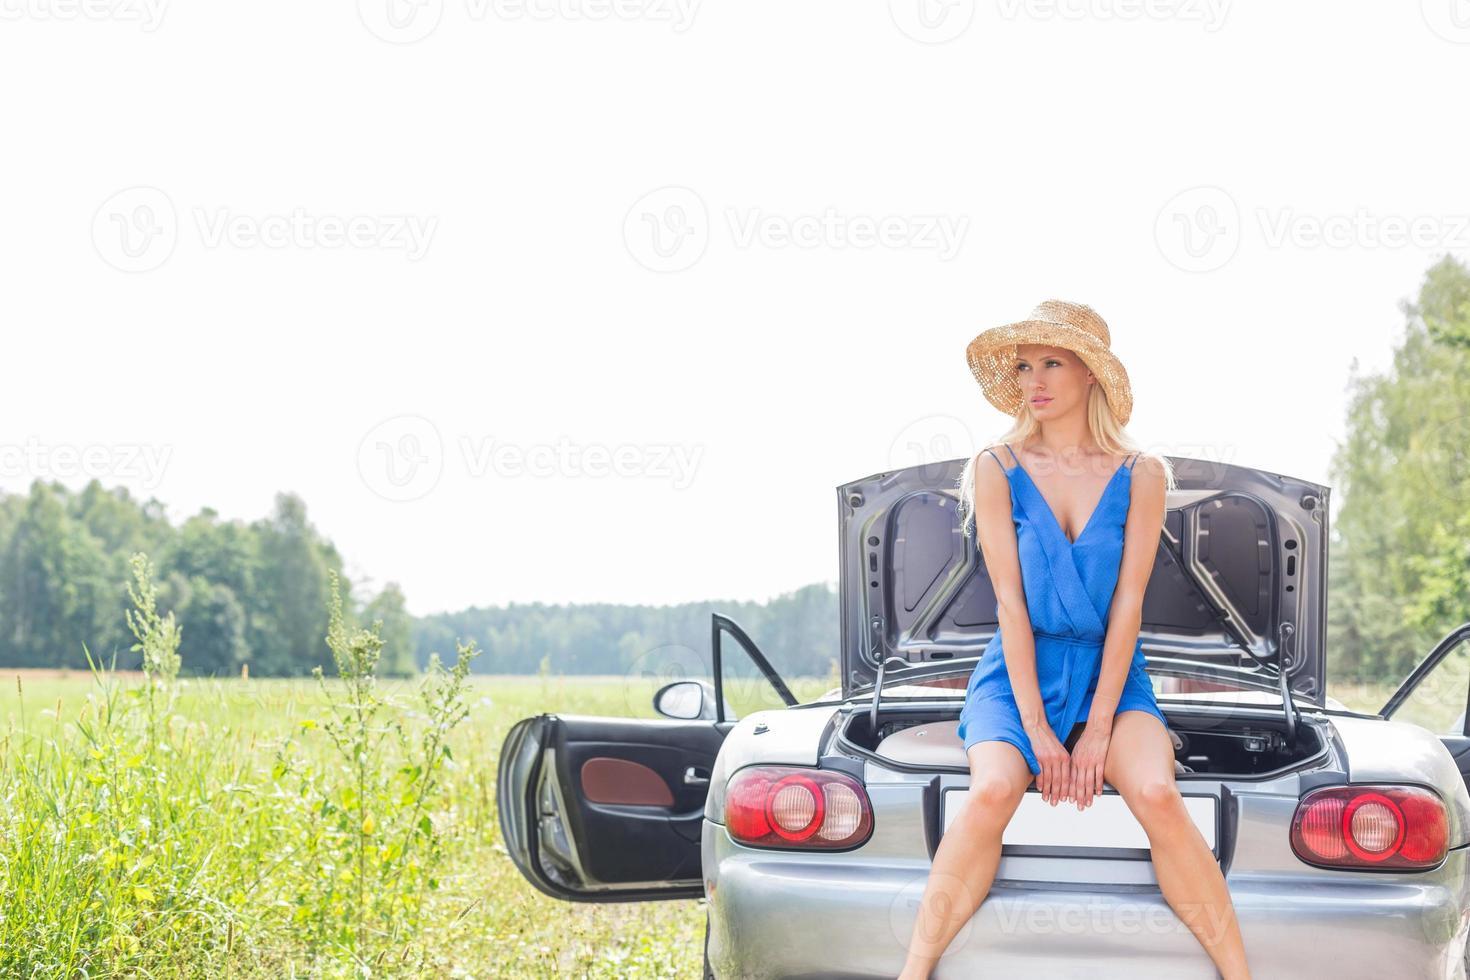 weiblicher Roadtrip foto